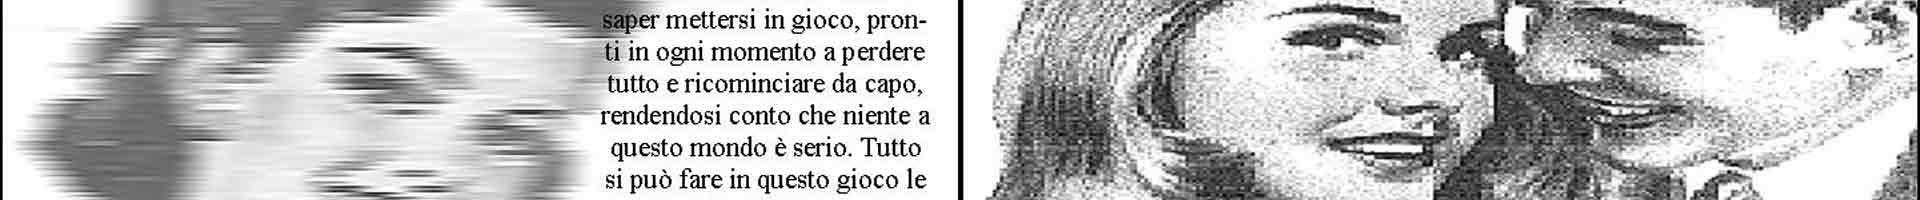 Libretto cd Giocatore Uno musica elettronica elettro-ancestrale Vipal Antonio Gianfranco Gualdi 1998